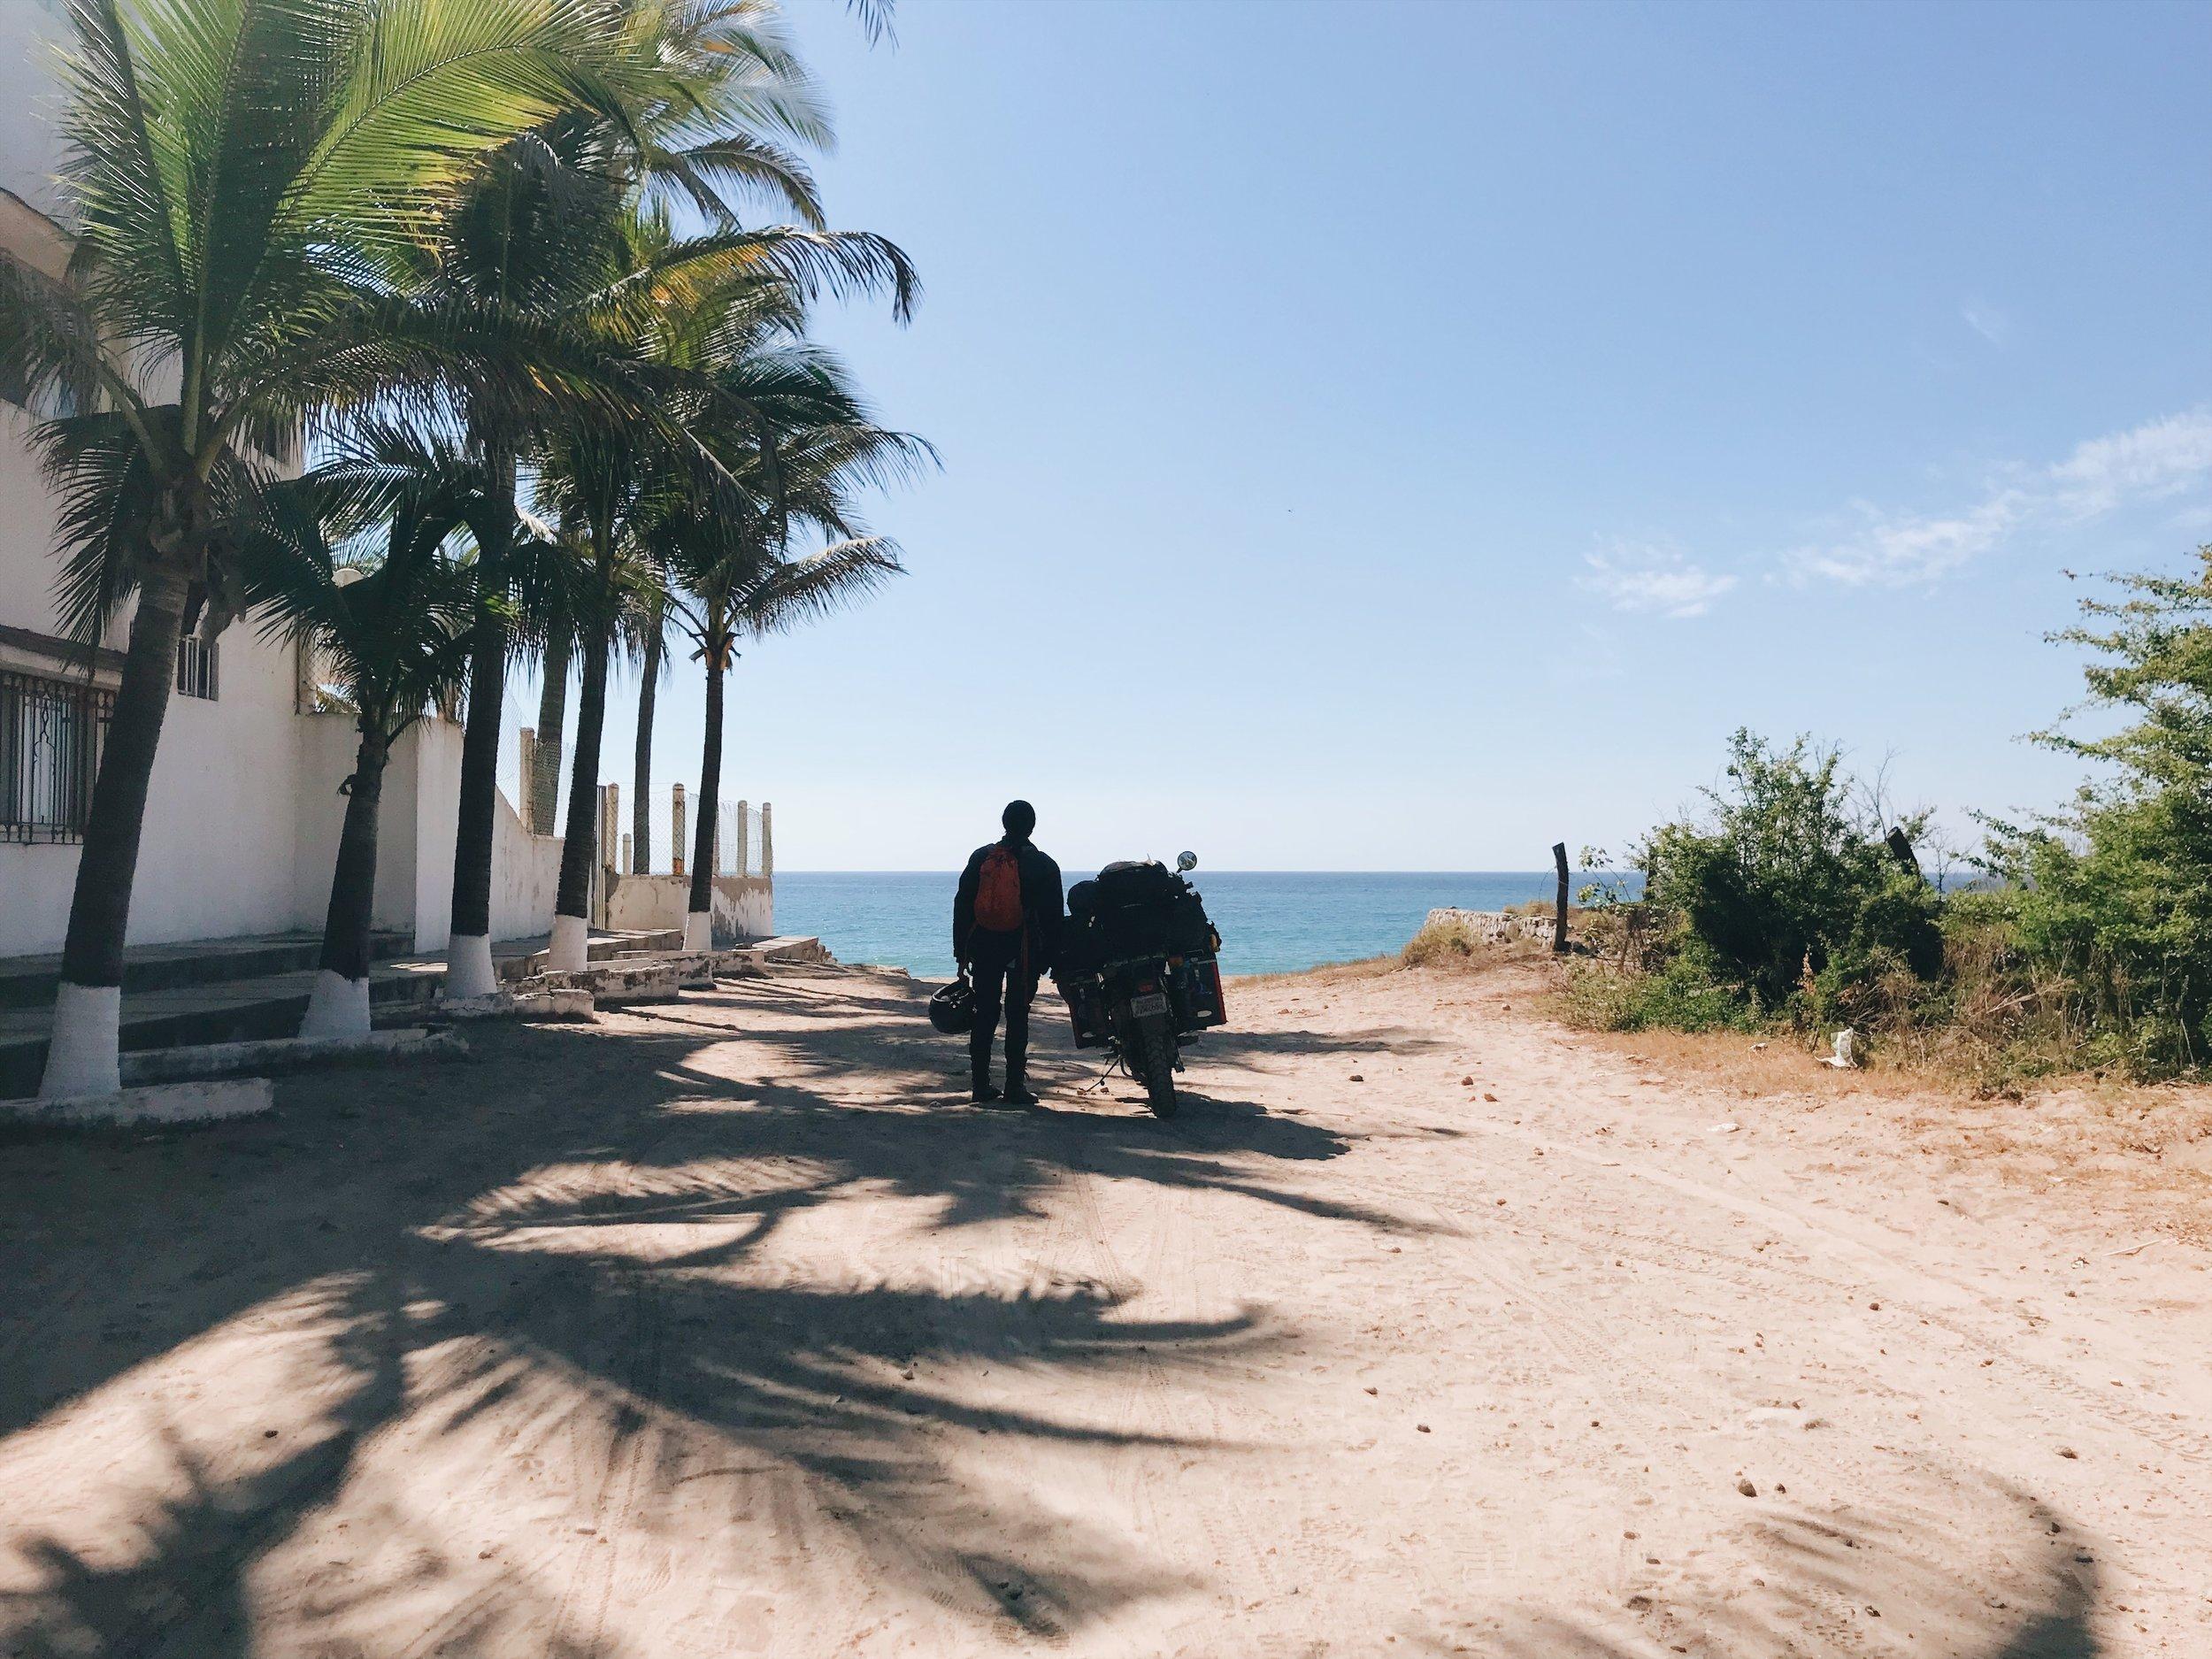 The end of the road. Barra de Navidad